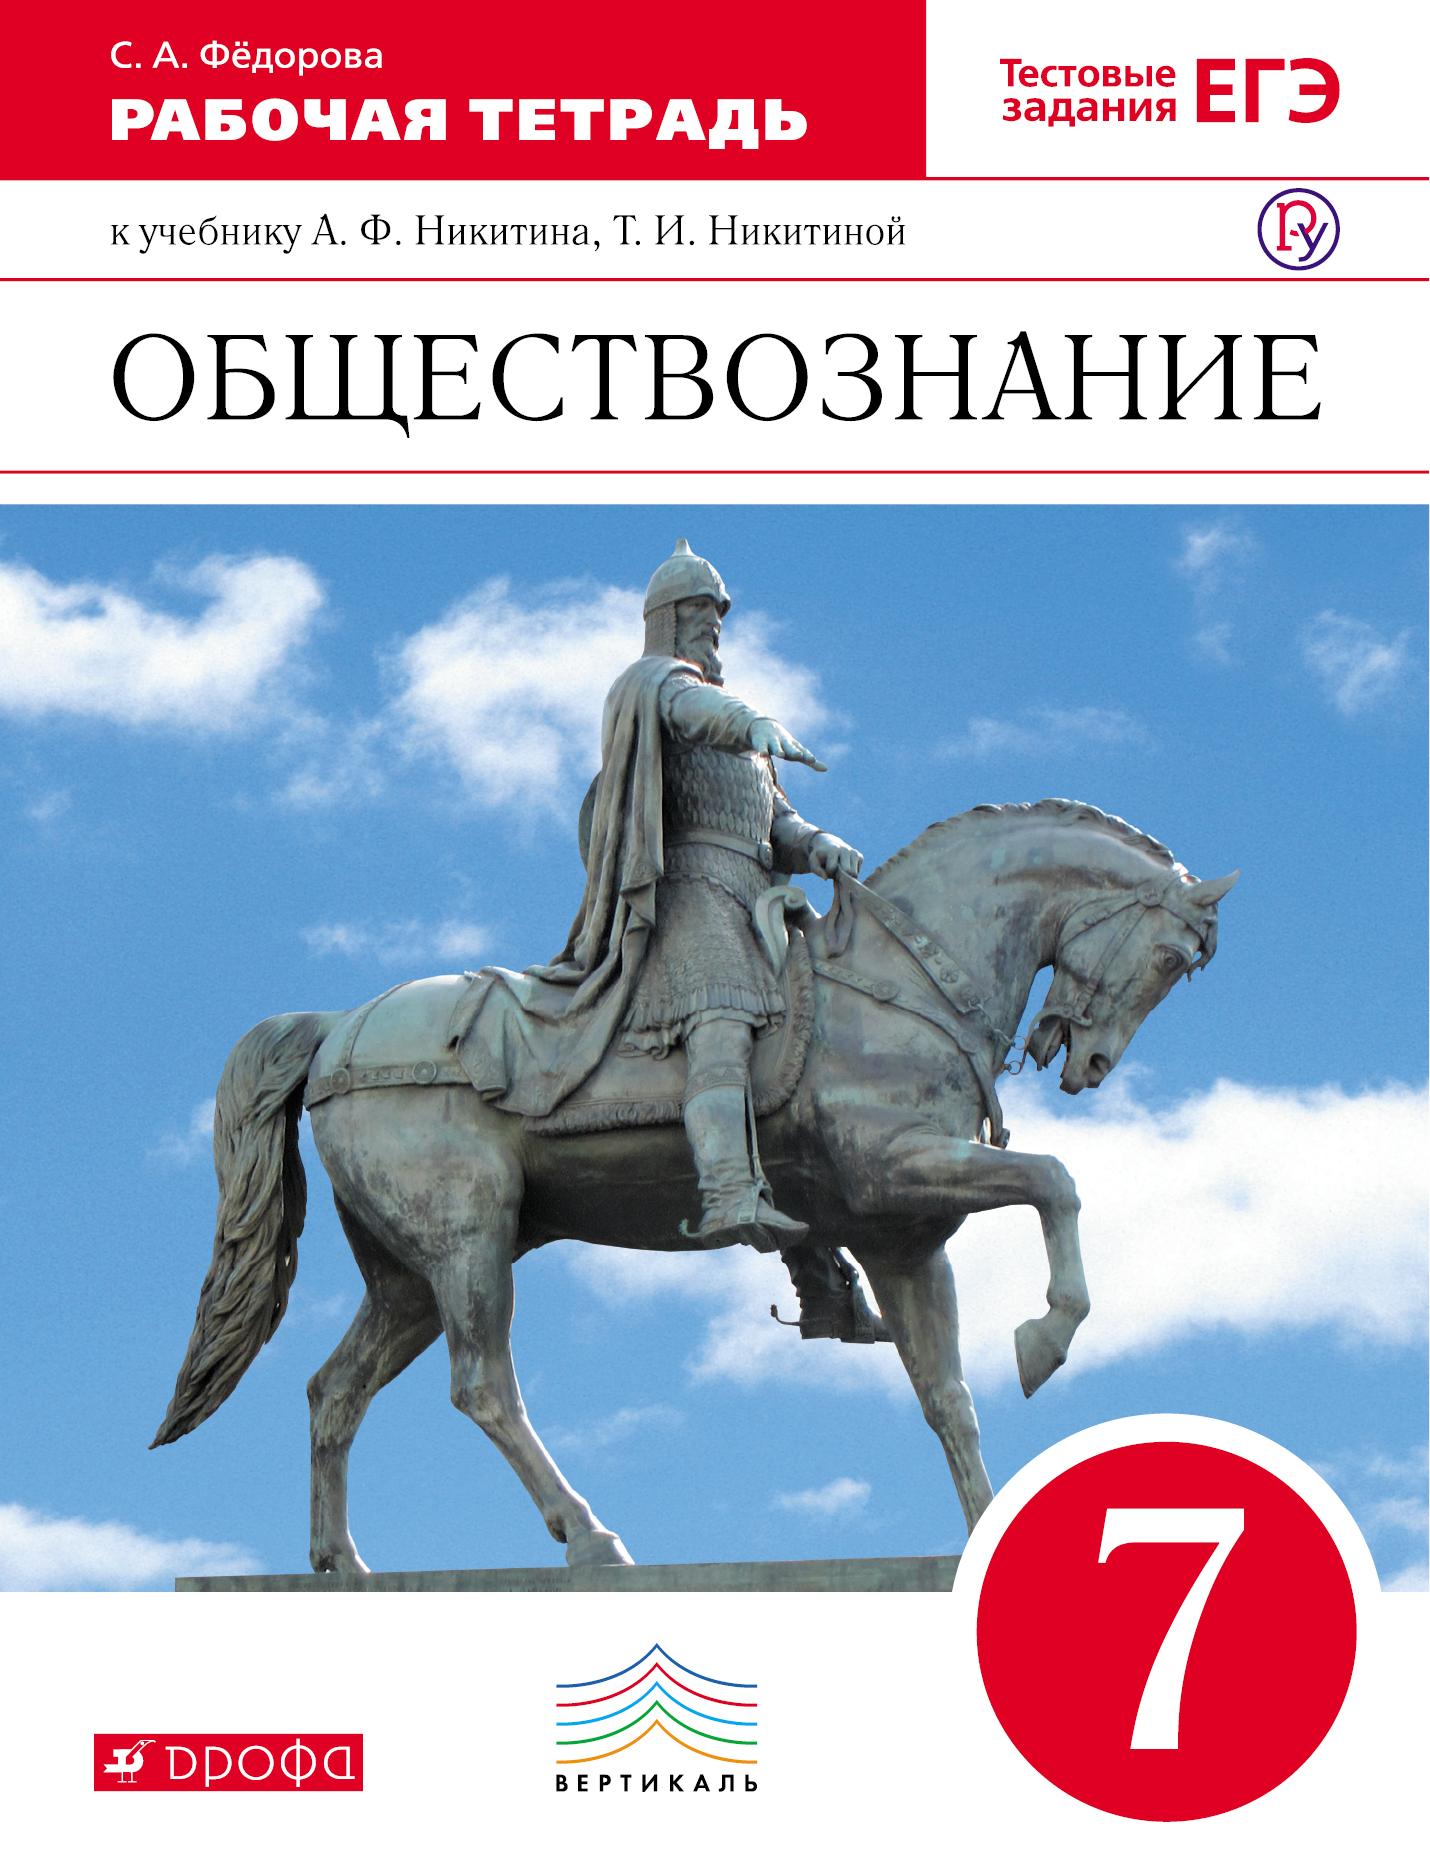 Федорова С.А. Обществознание. 7 класс. Рабочая тетрадь